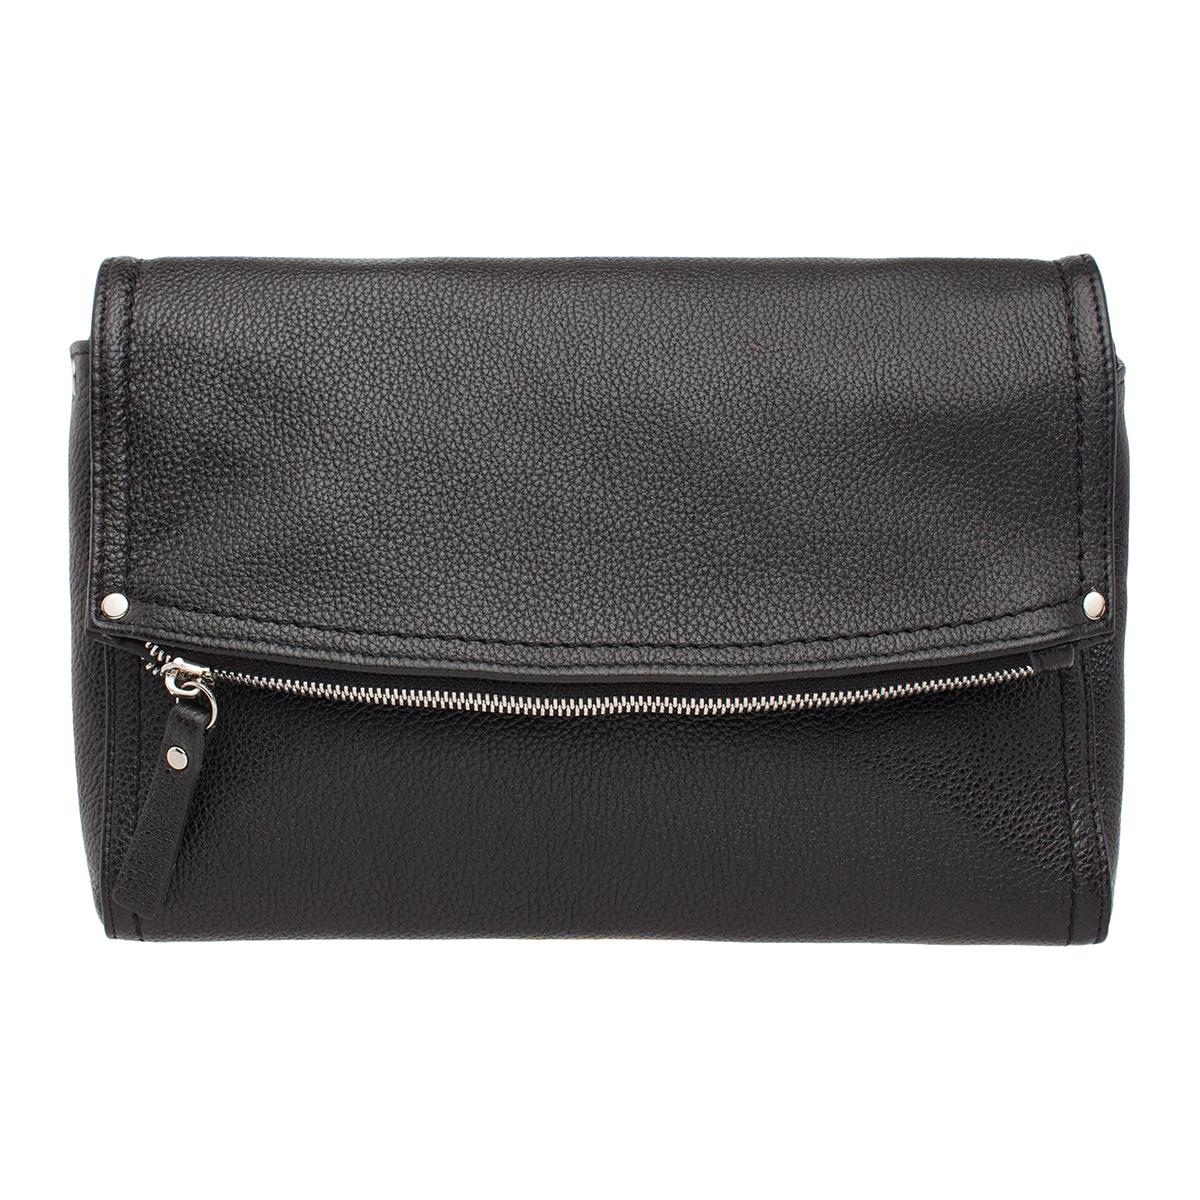 Купить Женская кожаная сумка кросс-боди Ripley Black